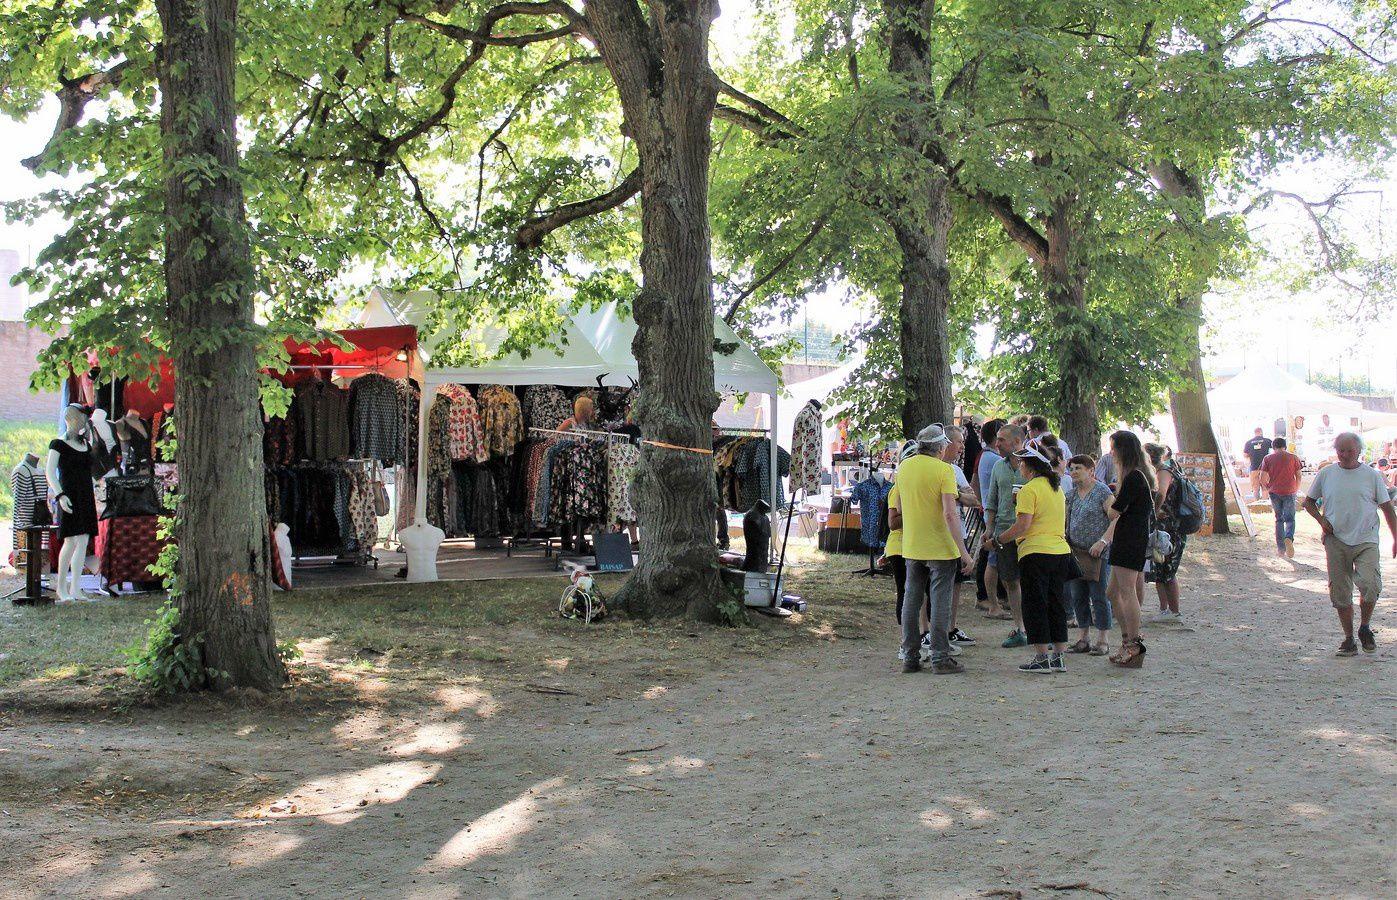 Théâtre Romain et Promenade des Marbres, 71400 Autun. ¤¤¤ Quartier Croix-Verte/pont l'évêque ¤¤¤